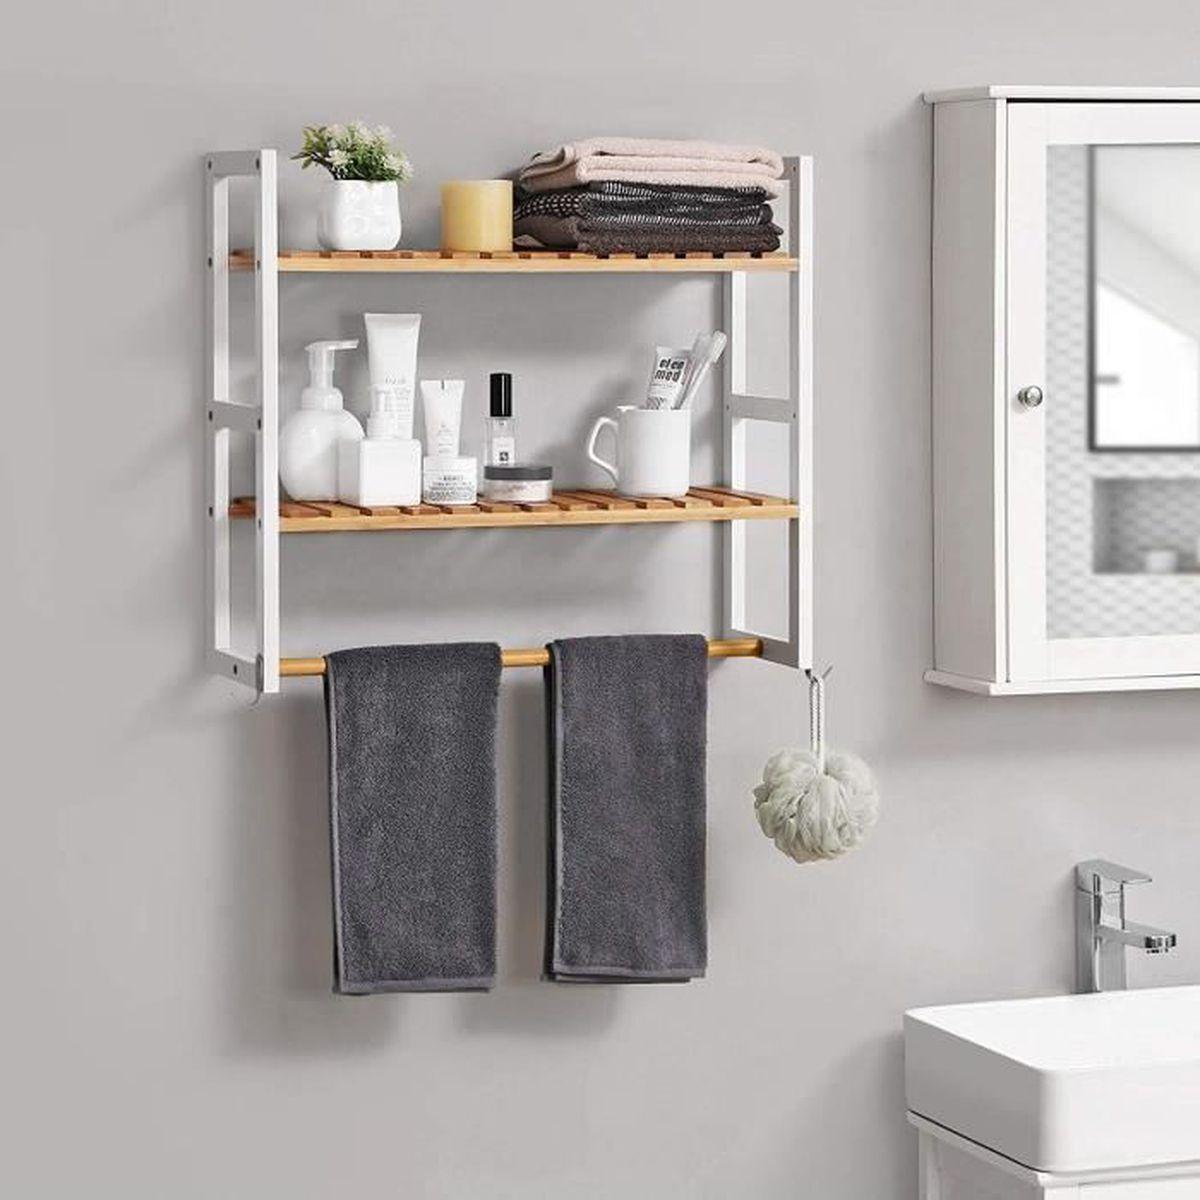 Etagere Salle De Bain A Poser songmics meuble Étagère en bambou avec porte-serviettes